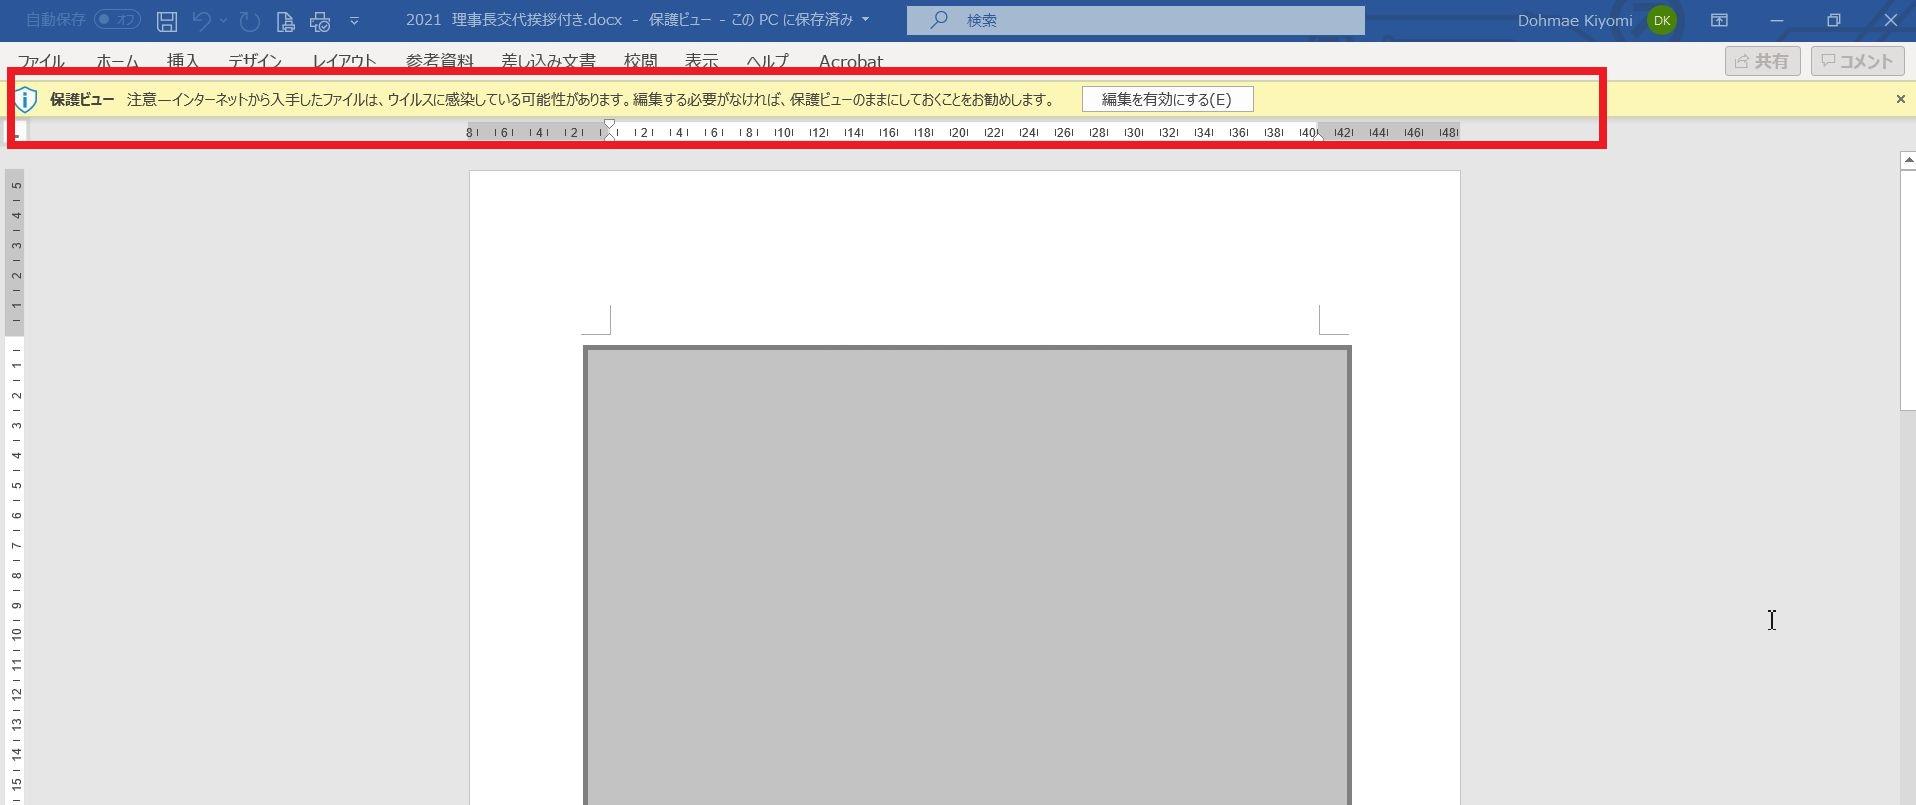 メールに添付されたファイルを開いたらウイルスに感染しているかもと表示された